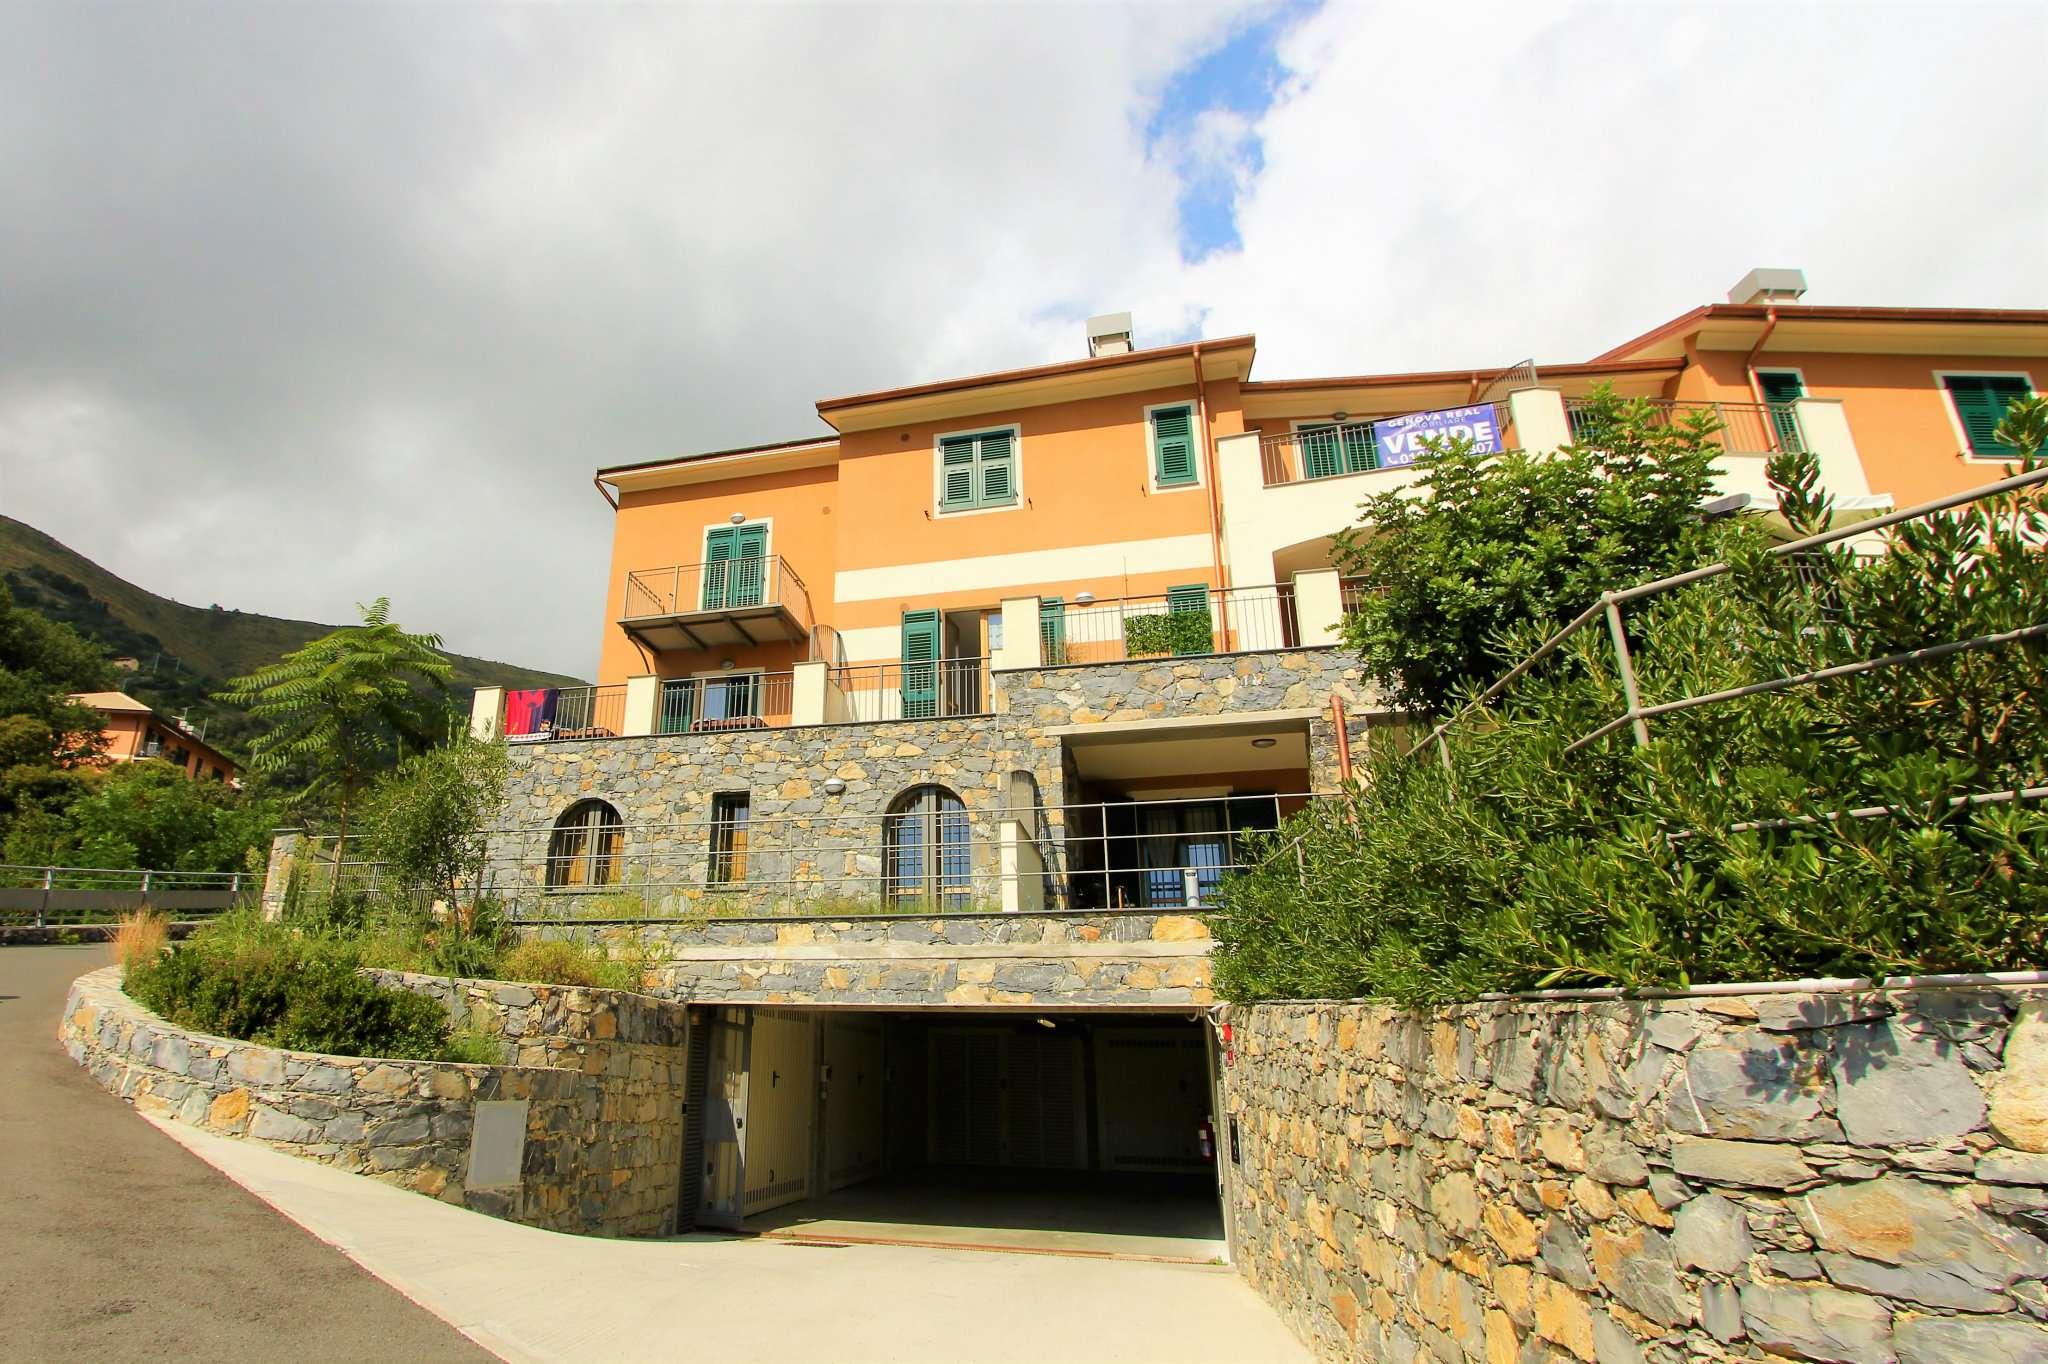 Appartamento in affitto a Bogliasco, 2 locali, prezzo € 820 | CambioCasa.it